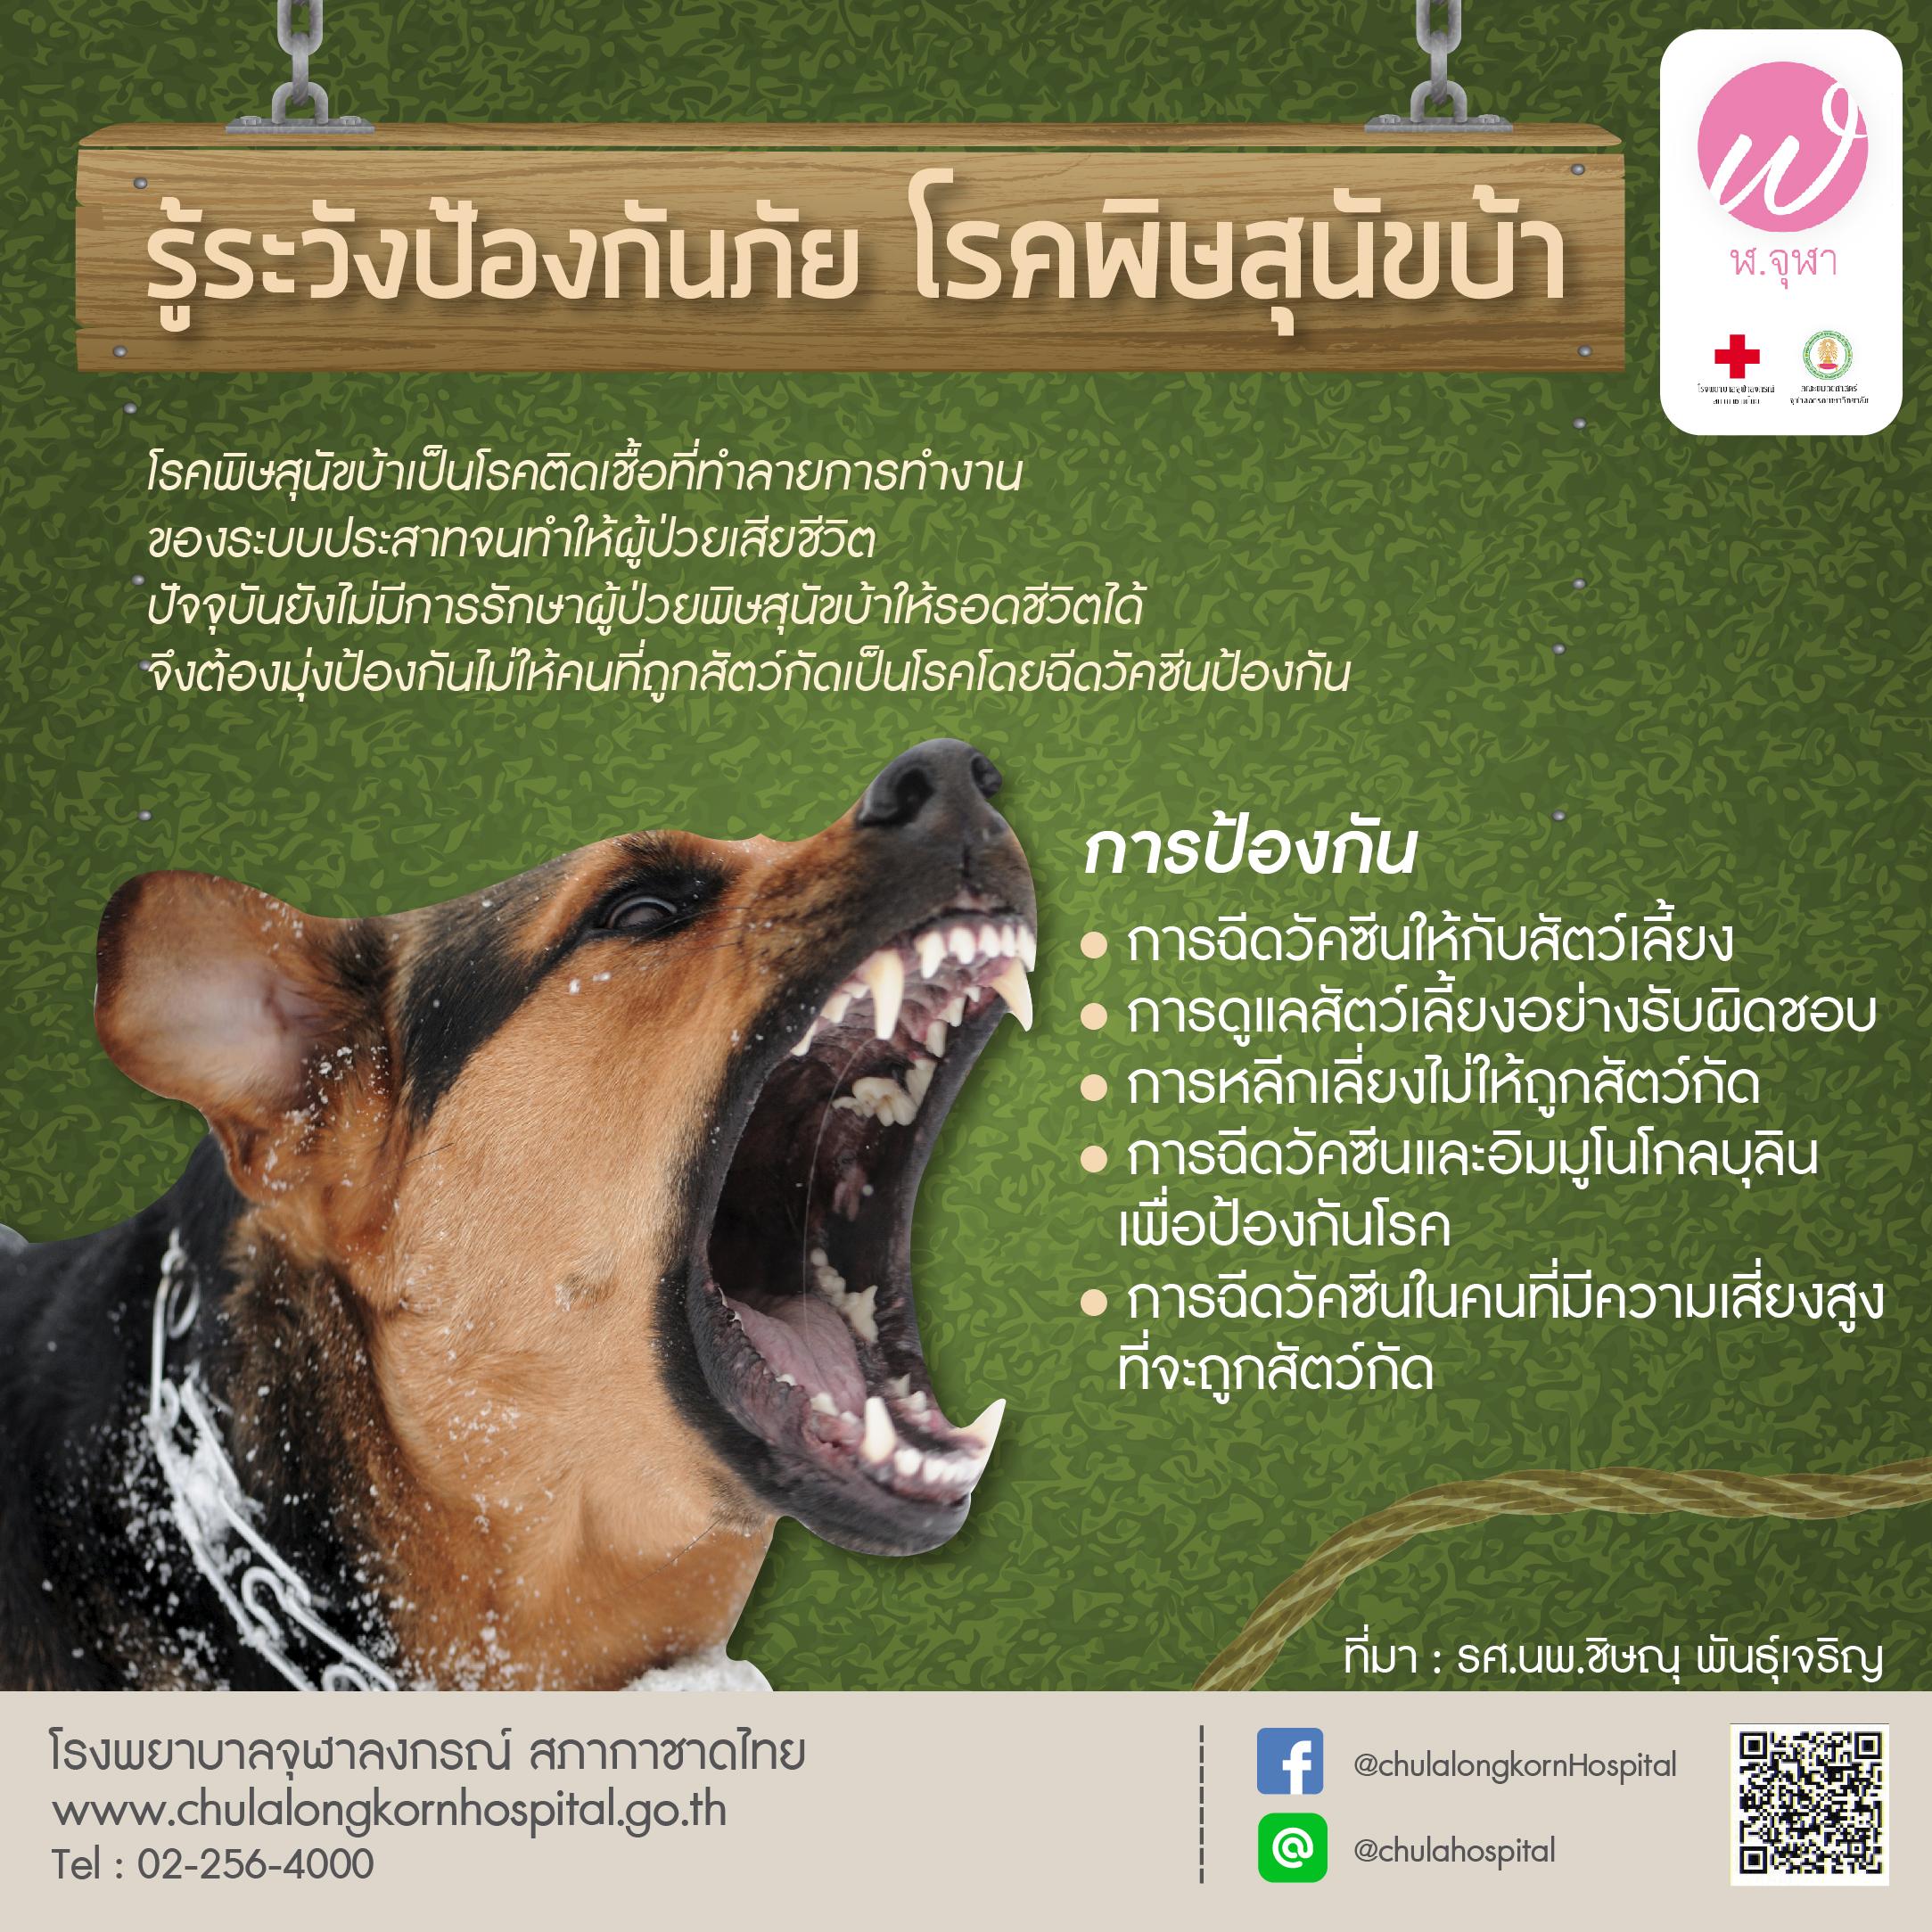 รู้ระวังป้องกันภัย โรคพิษสุนัขบ้า